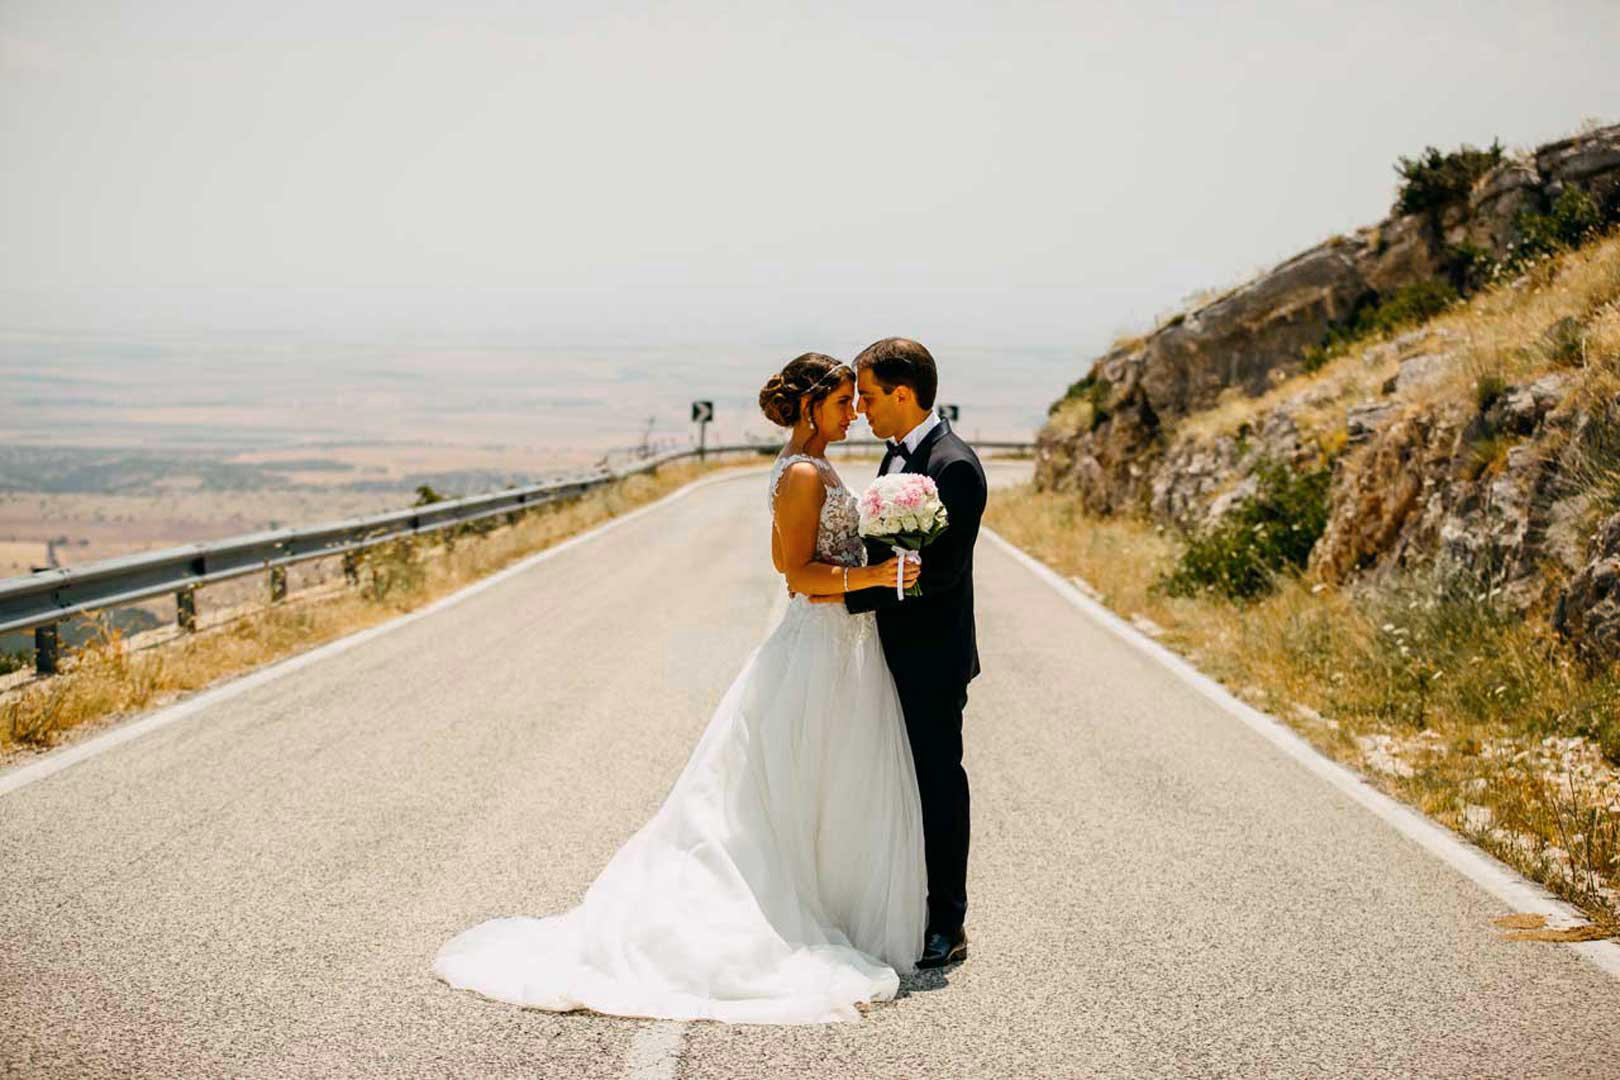 028-matrimonio-italiano-gianni-lepore-wedding